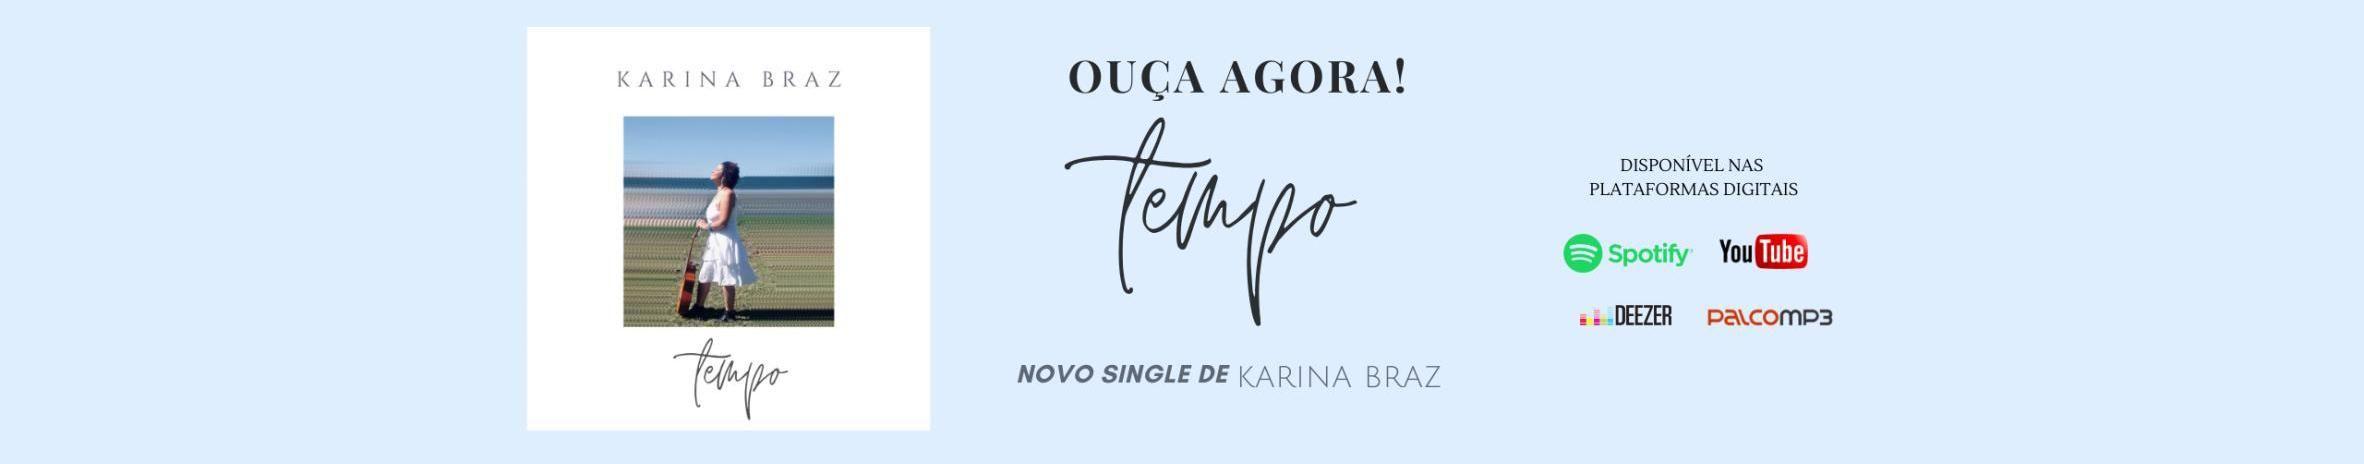 Imagem de capa de Karina Braz